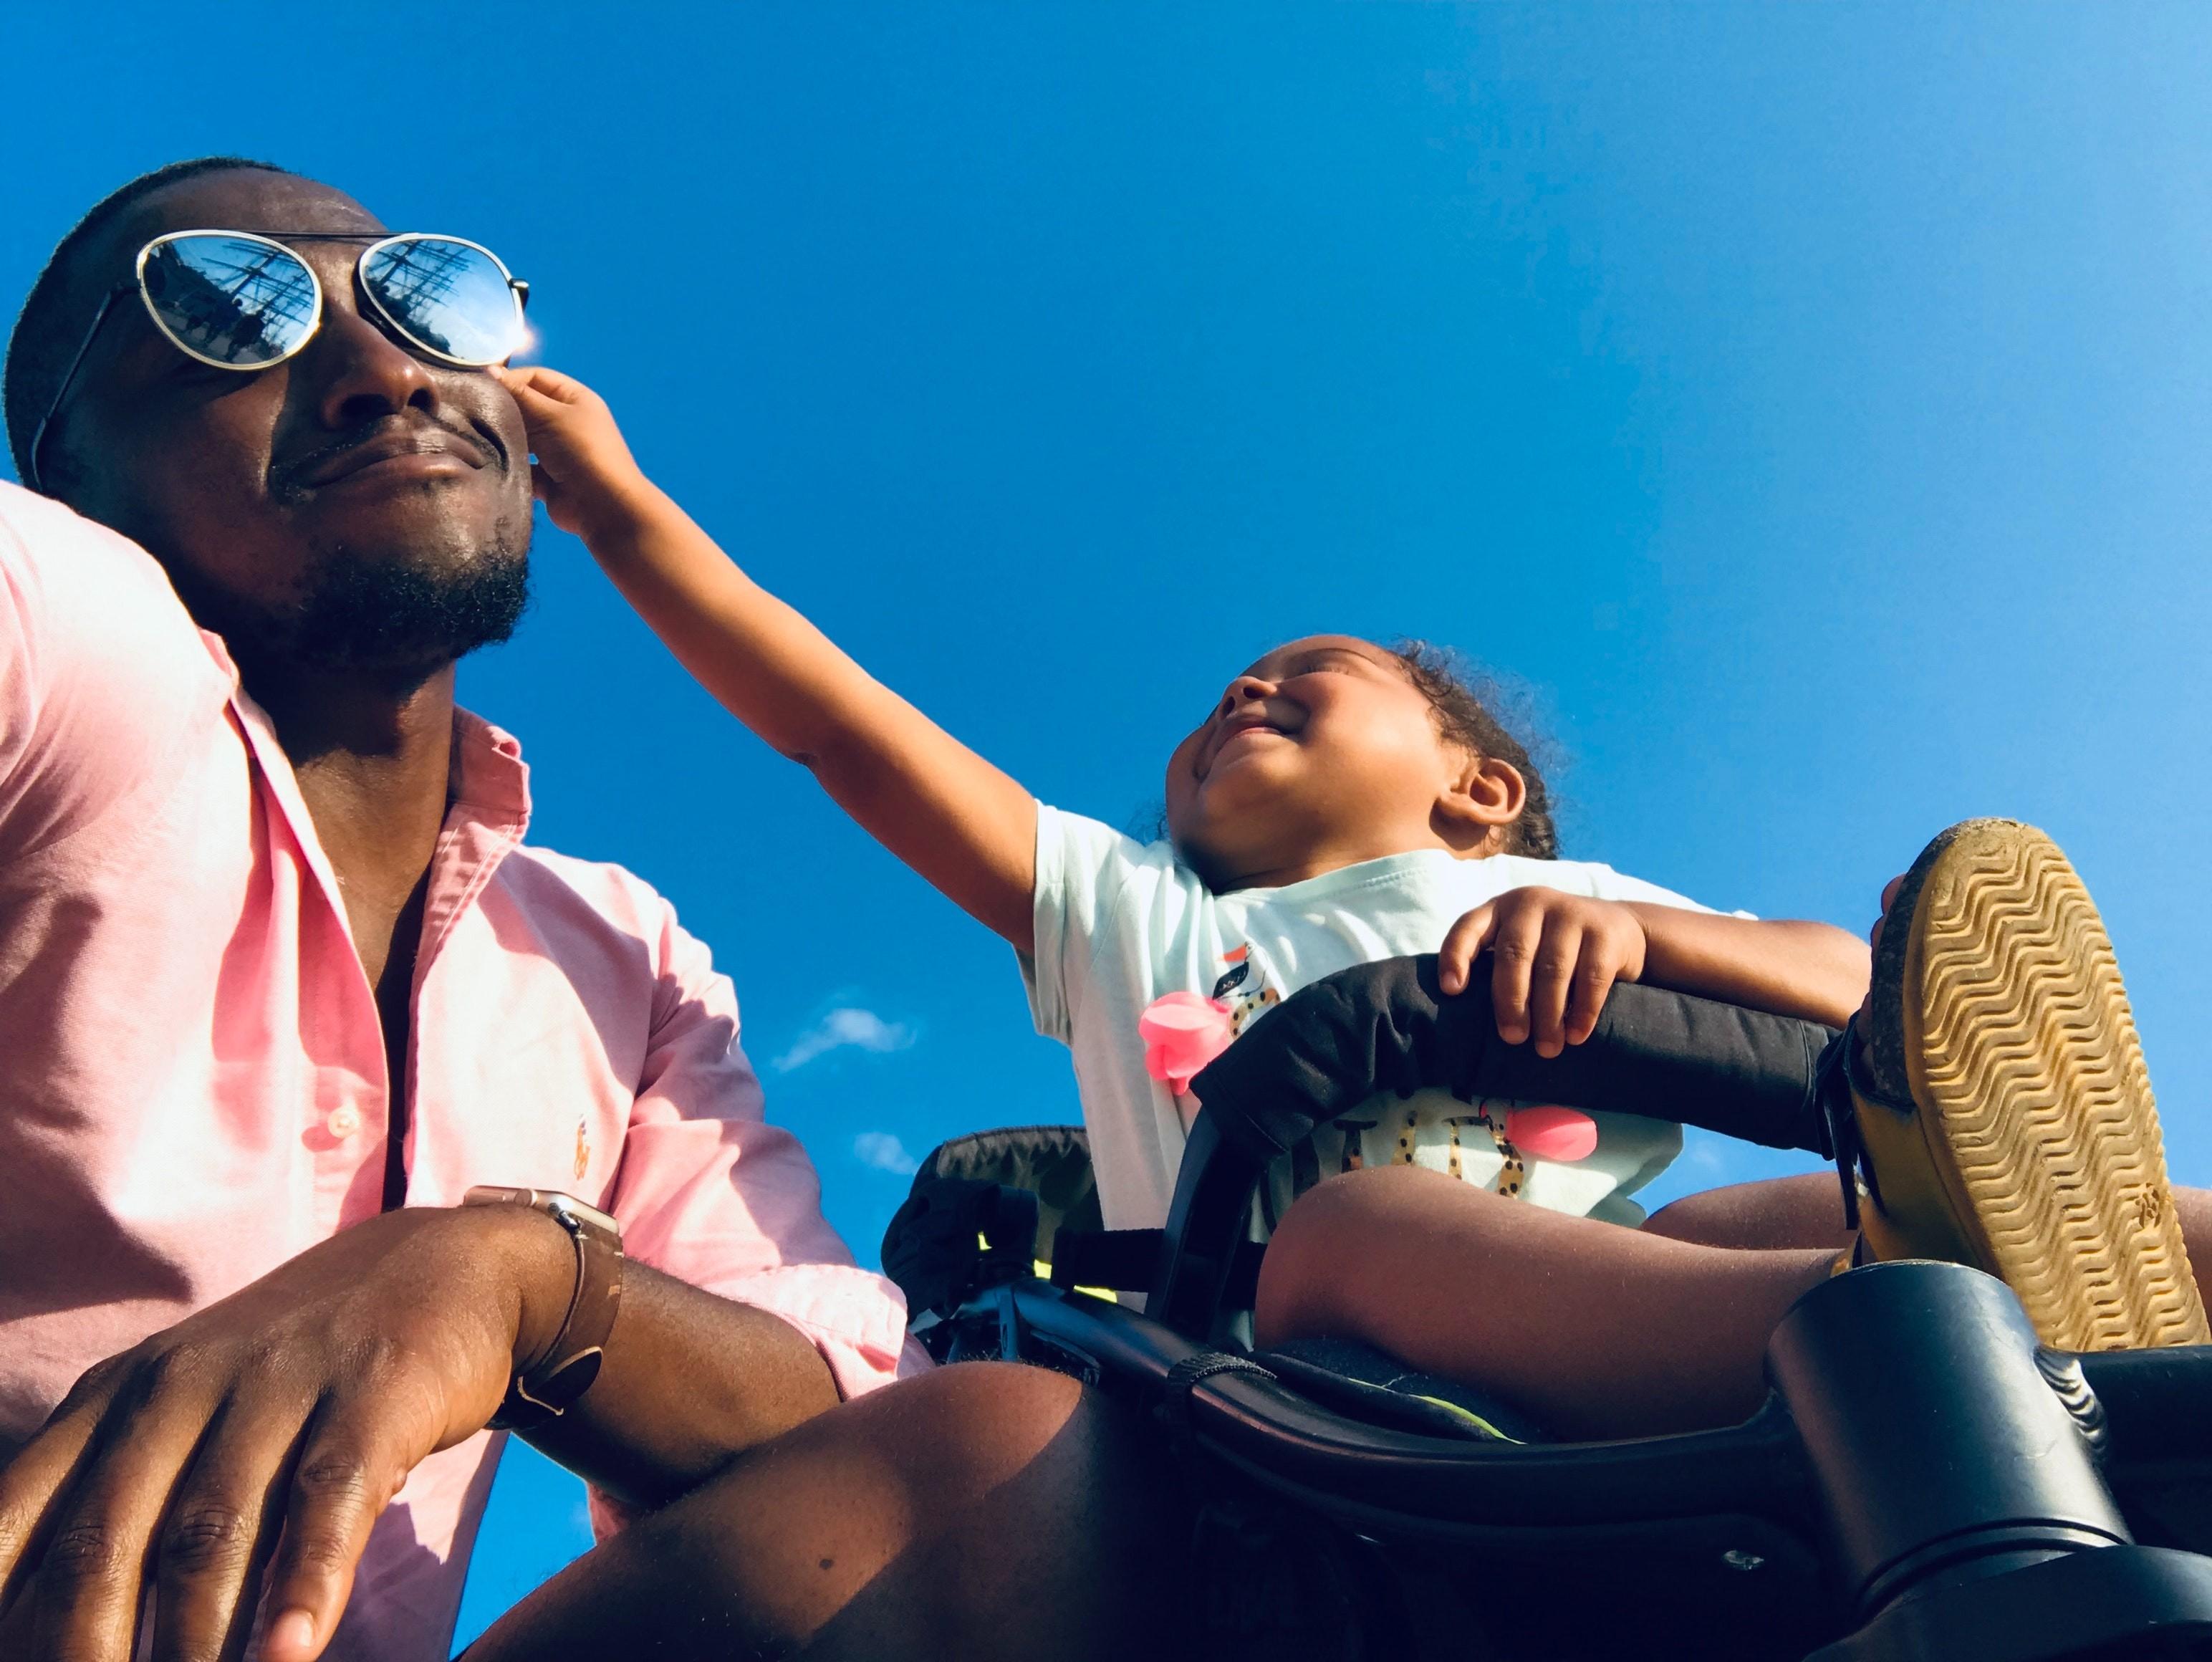 Aproveite o ritmo mais sossegado com o seu filho (Foto: via Pexels)